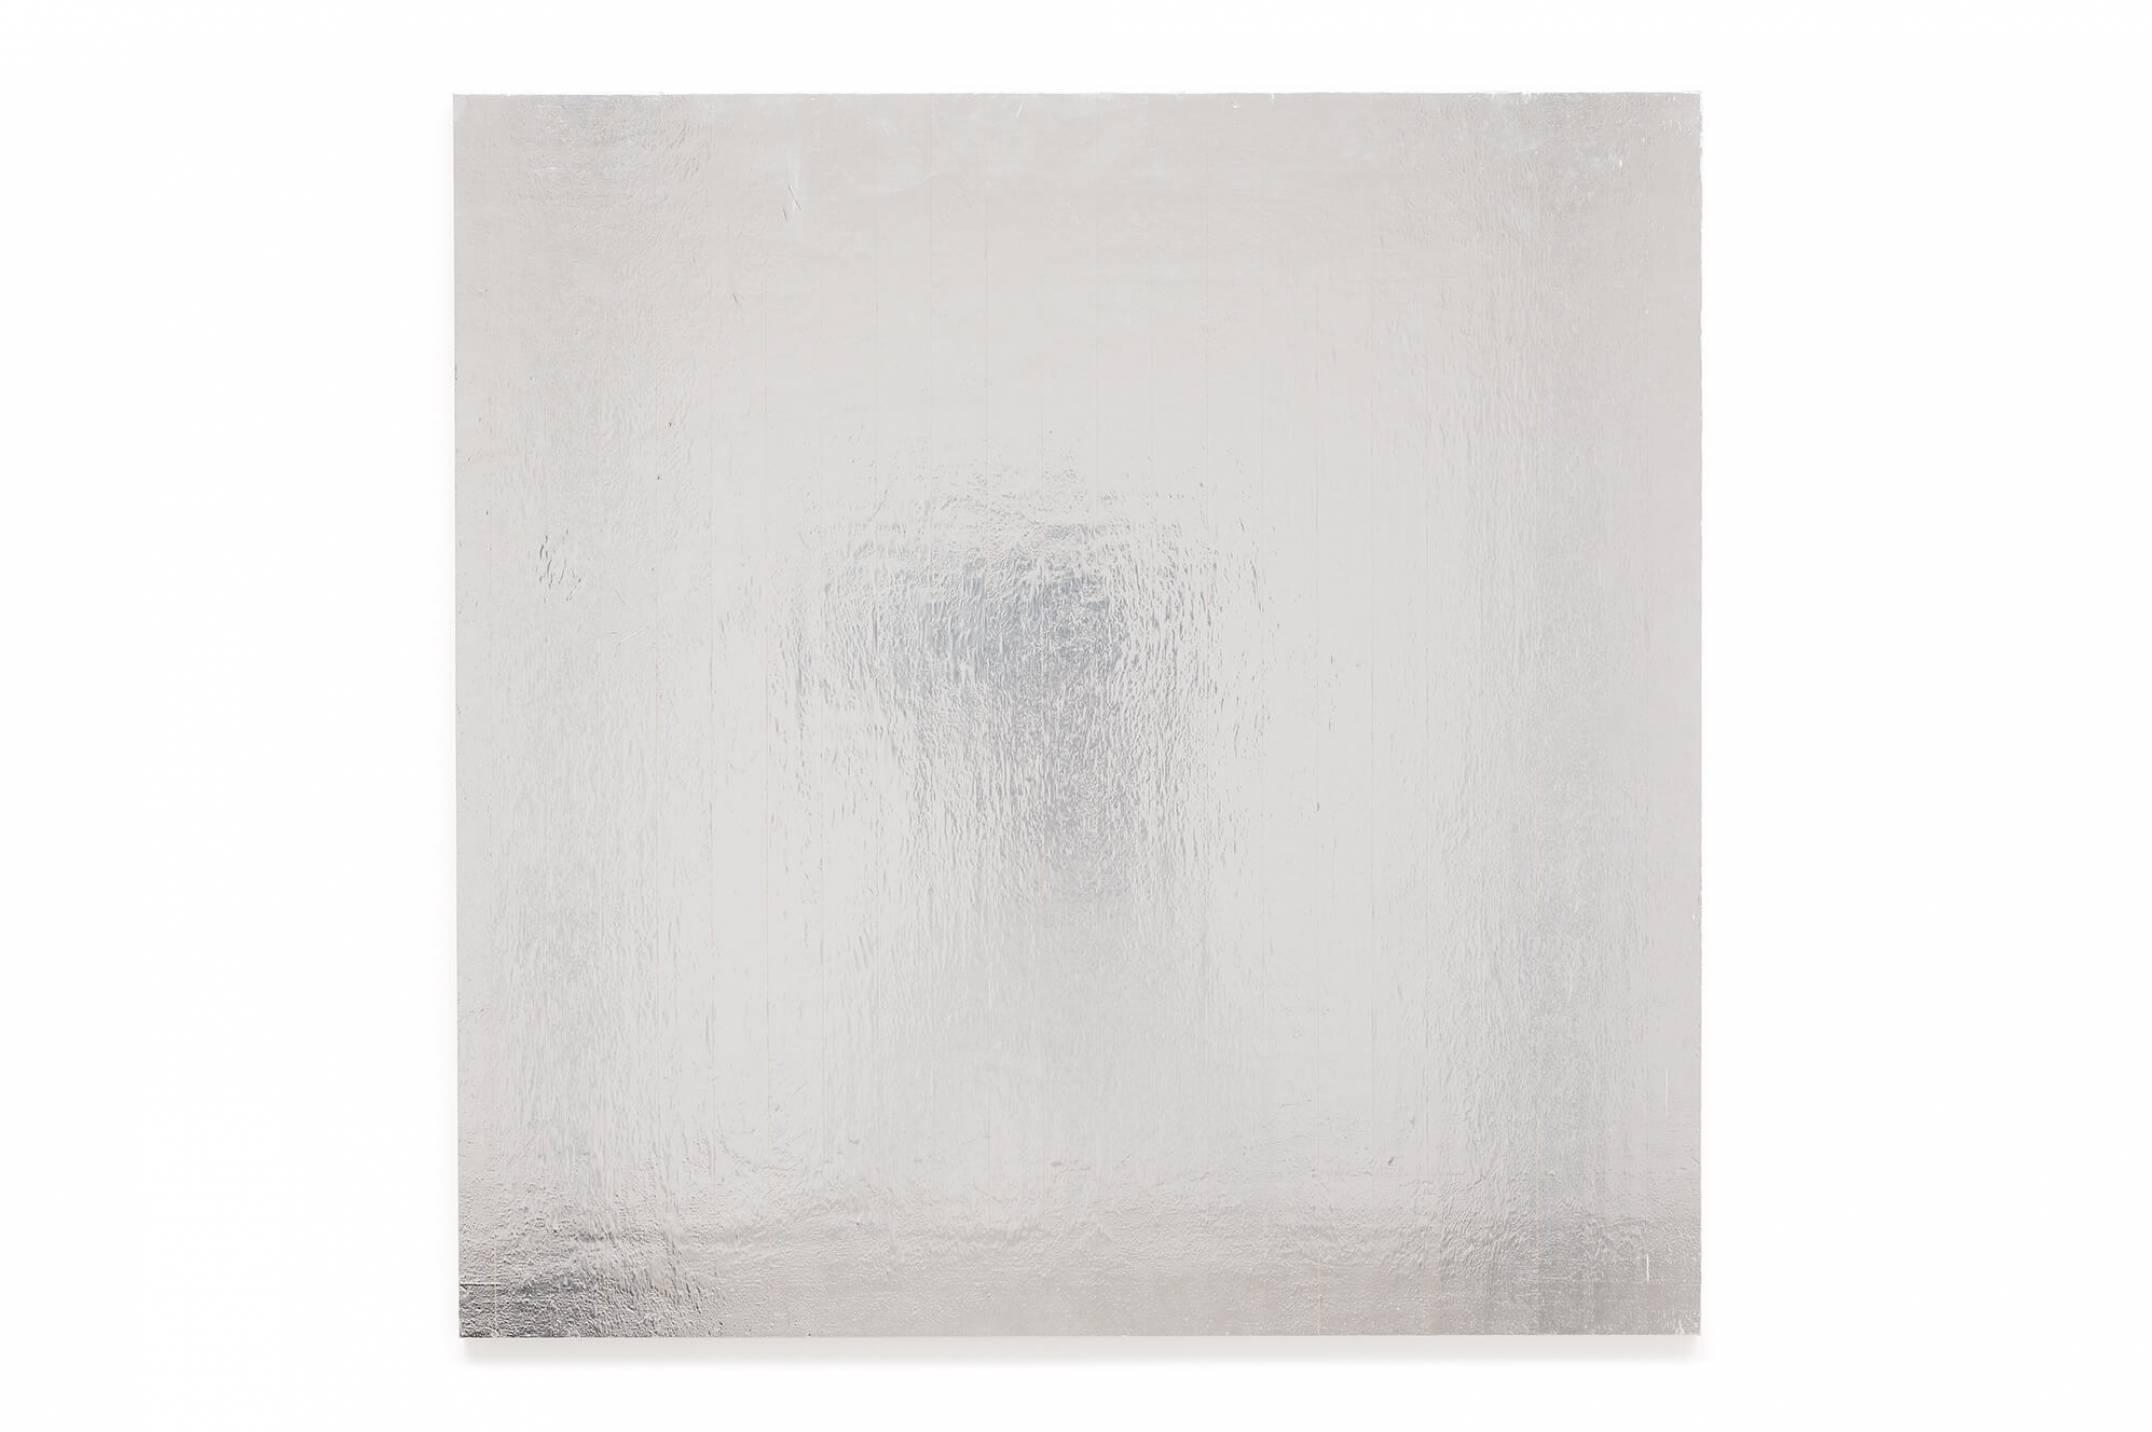 Alessandro Carano, <em>Tentaculus,</em> 2017, collage: tape on wood, 110 × 110 cm - Mendes Wood DM